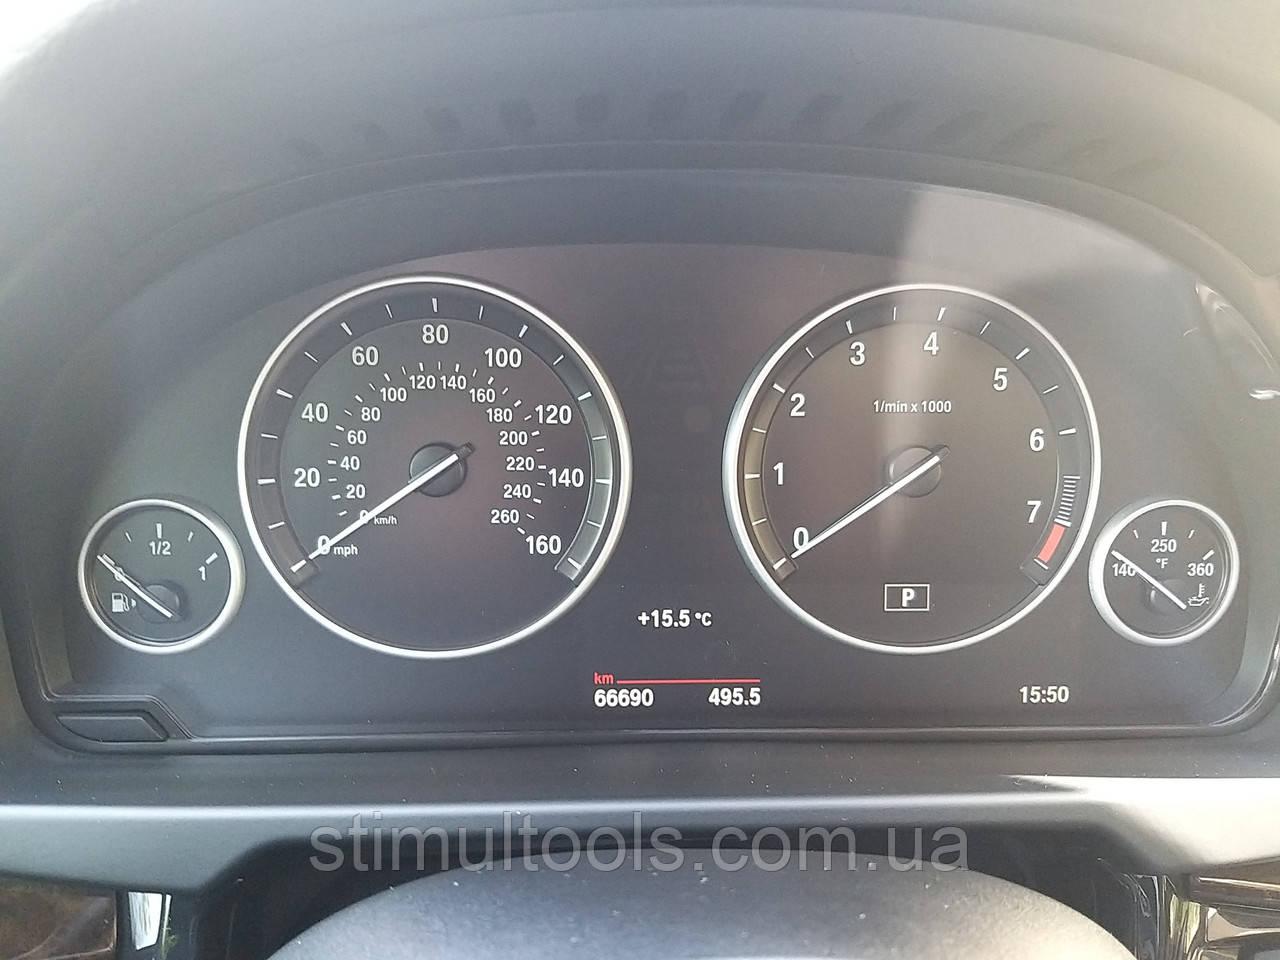 Панель щиток приборка BMW F15